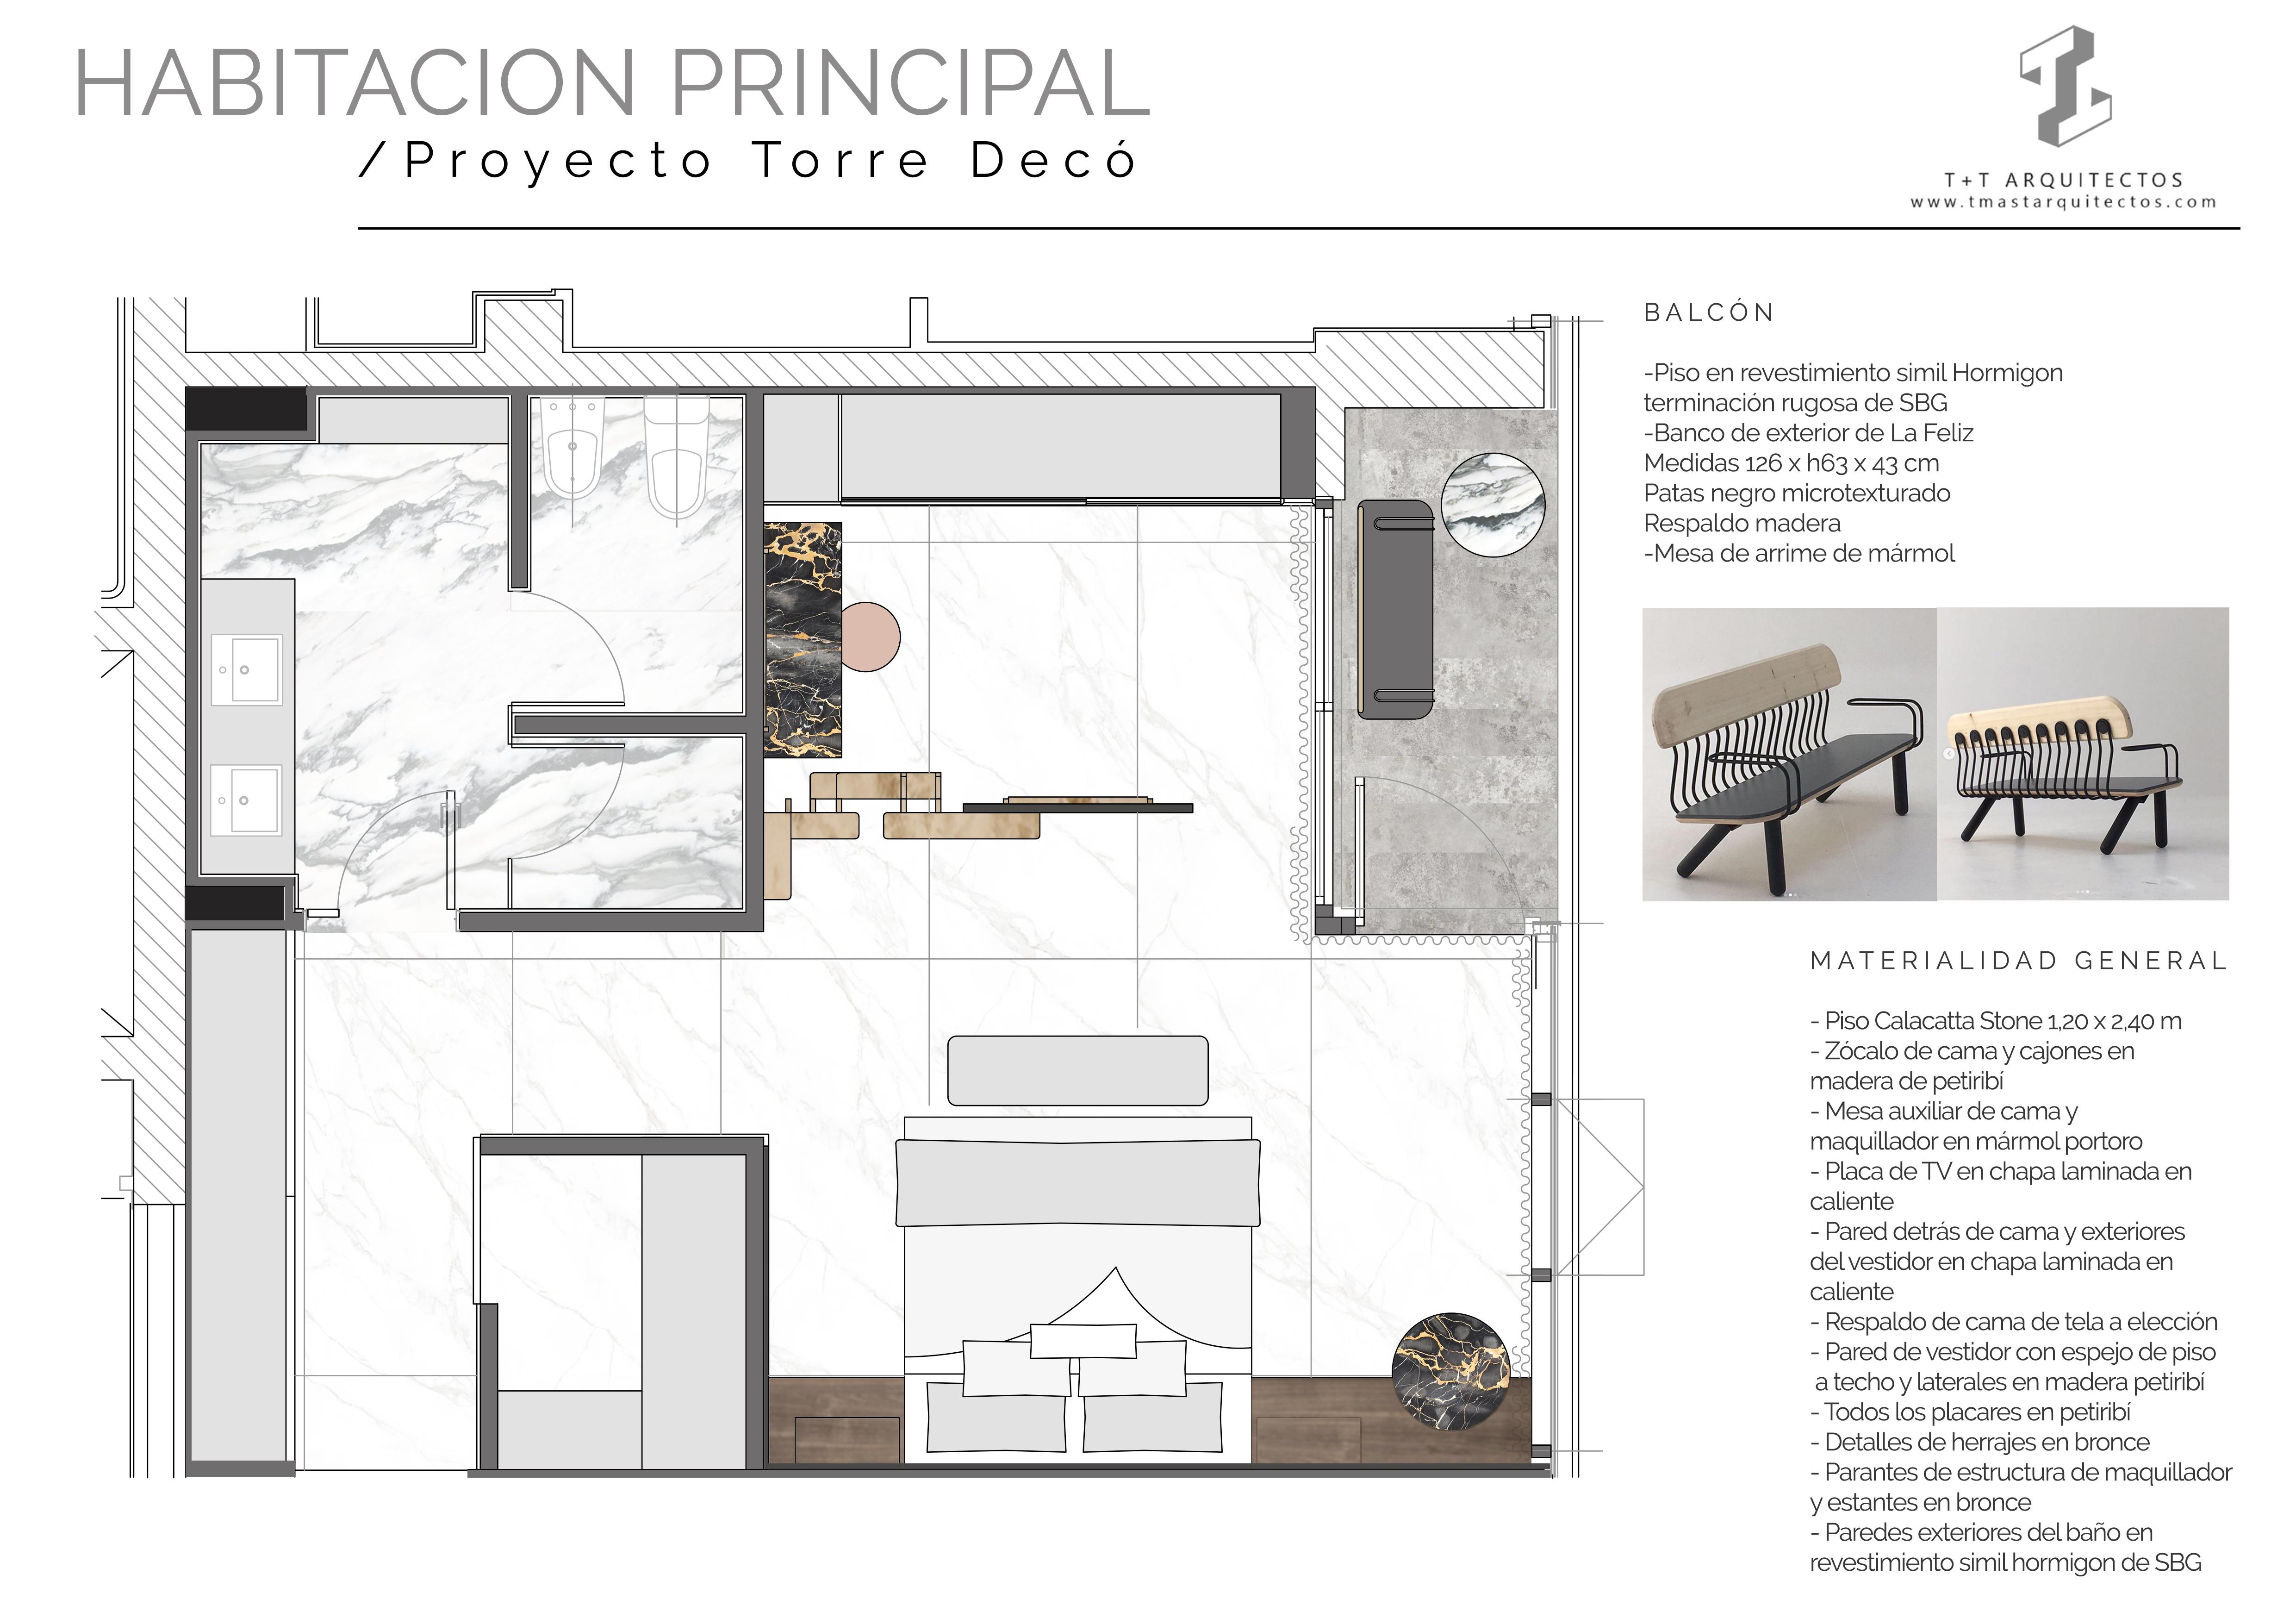 14 planta habitacion principal